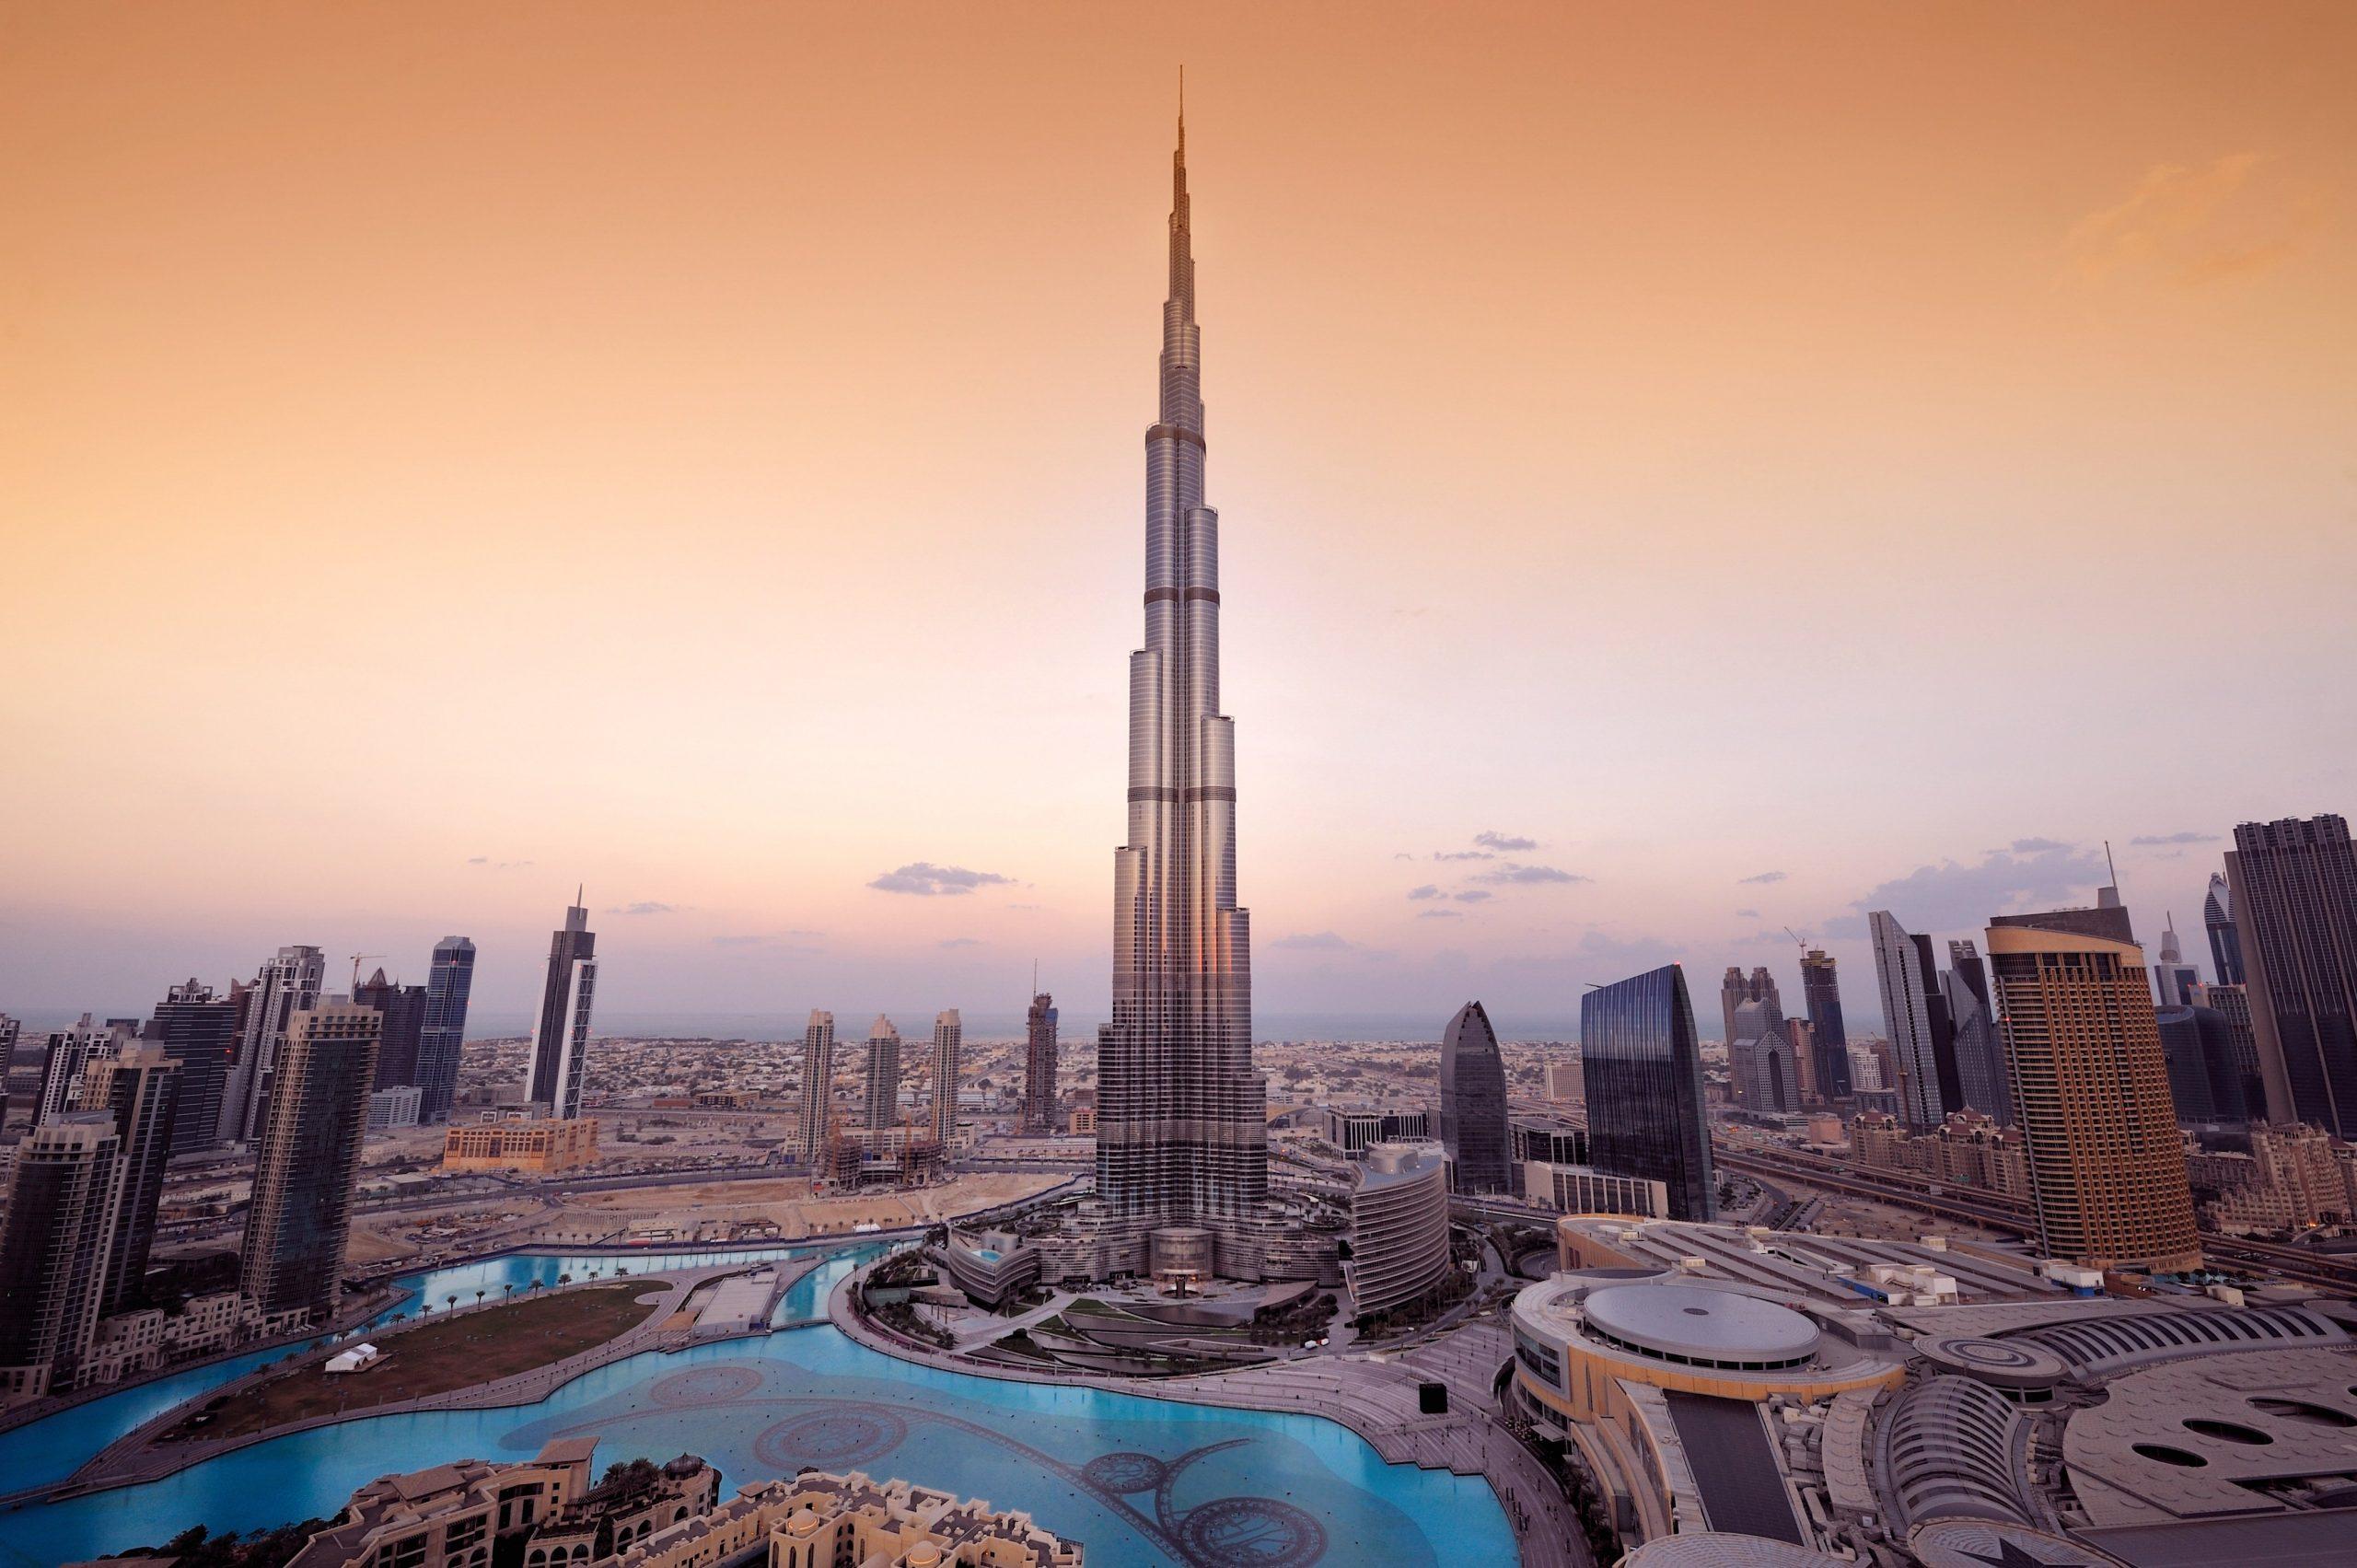 Groß, Größer, Am Größten: Die 10 Höchsten Bauwerke Der Welt über Berühmte Türme